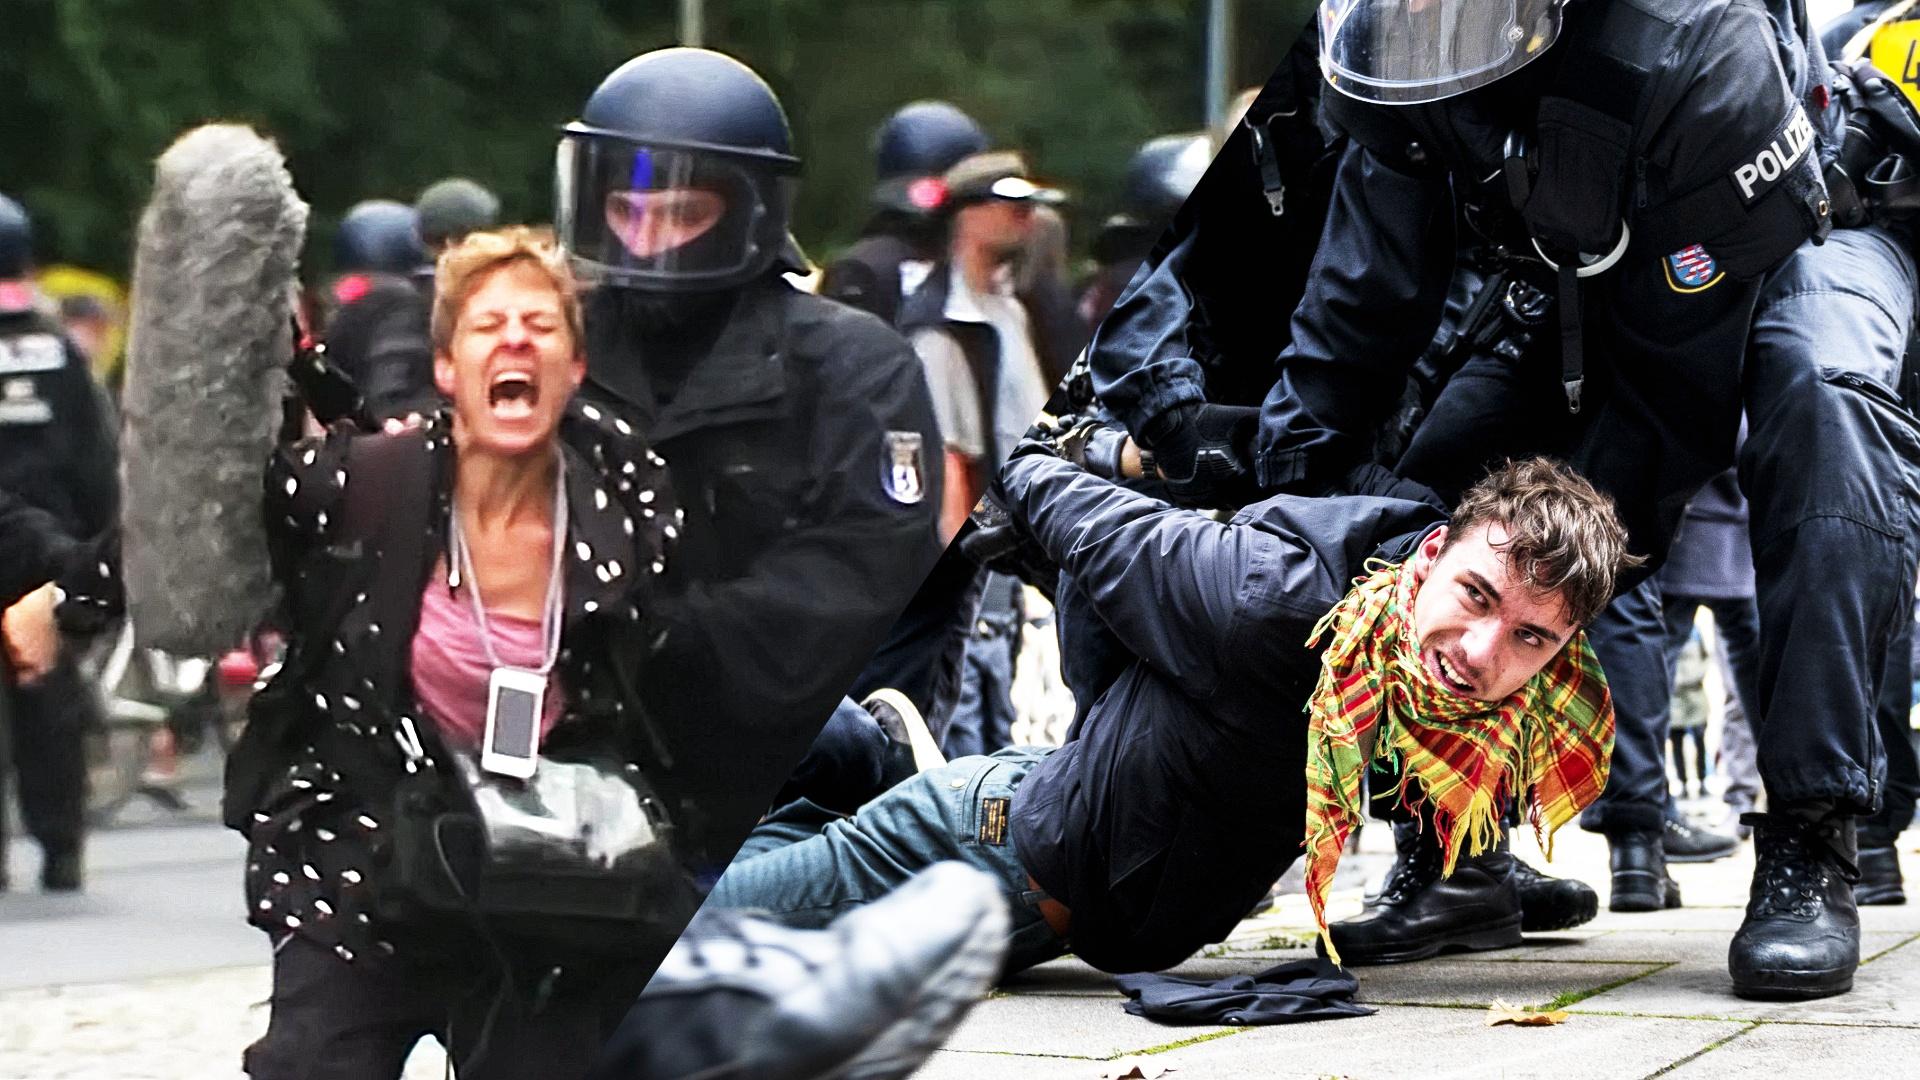 Заламывали руки и волокли силой: в Германии разогнали протесты против «антиковидных» мер